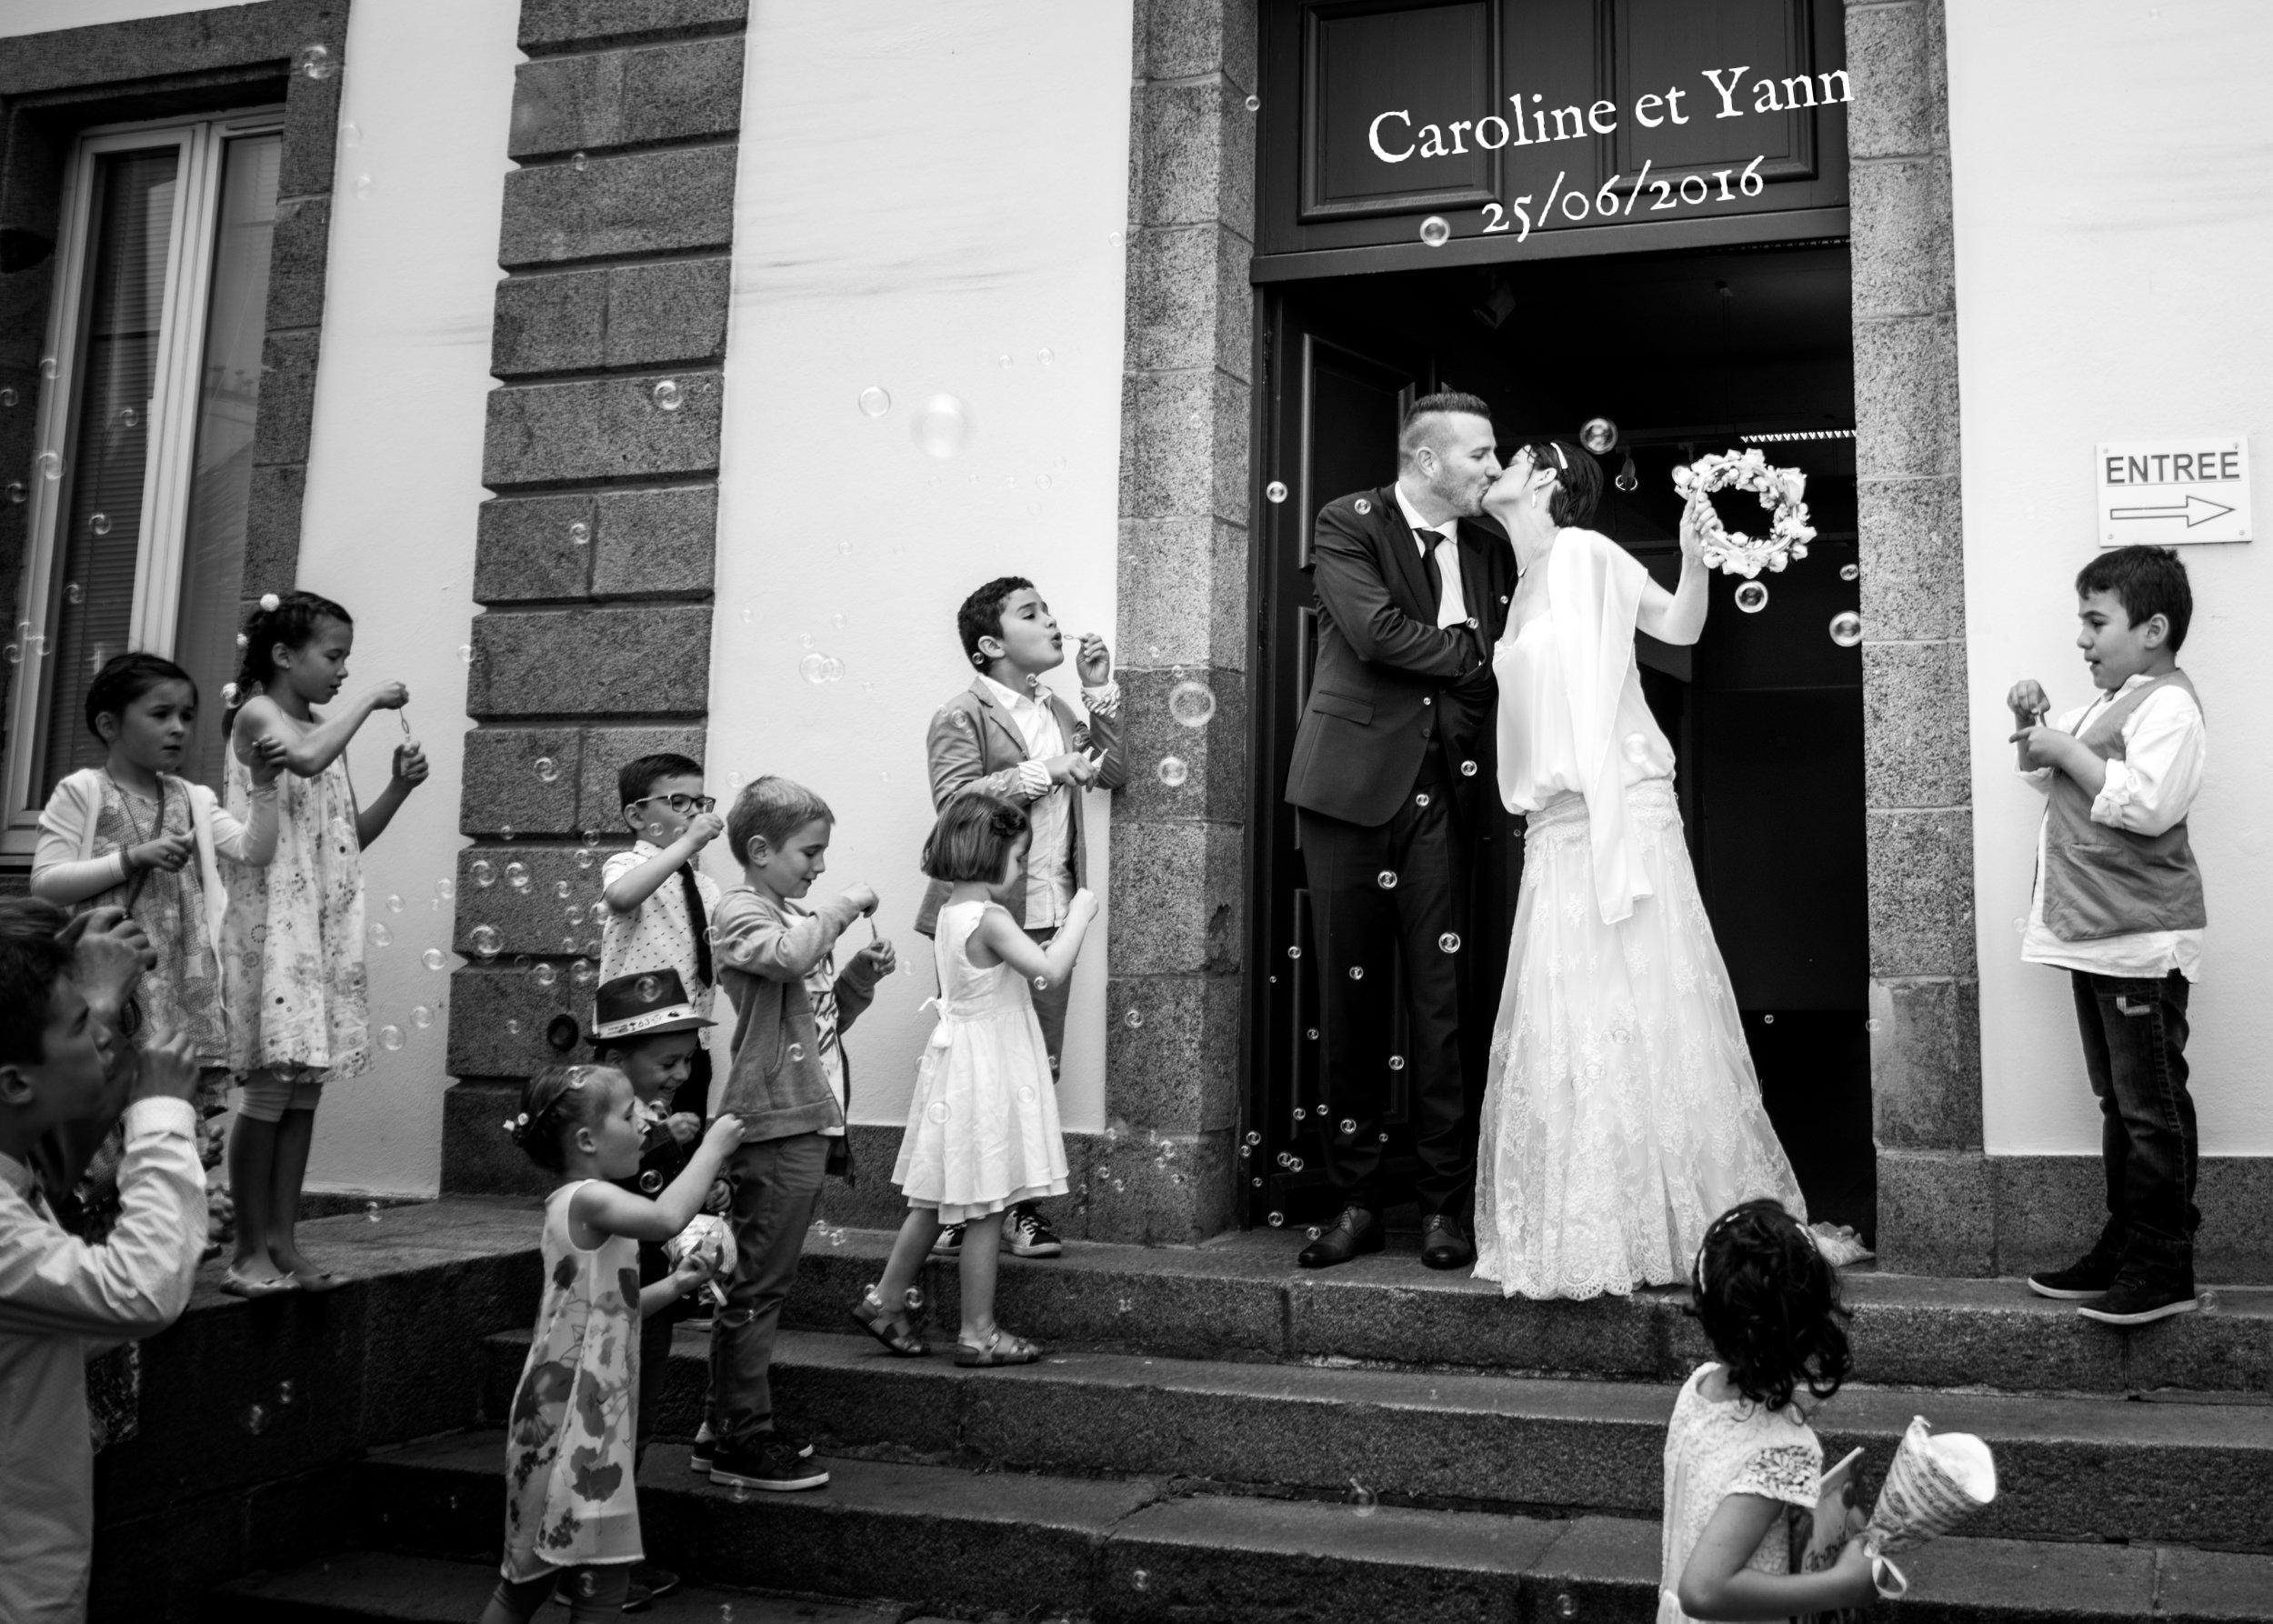 Caroline et yann - 25062016.jpg